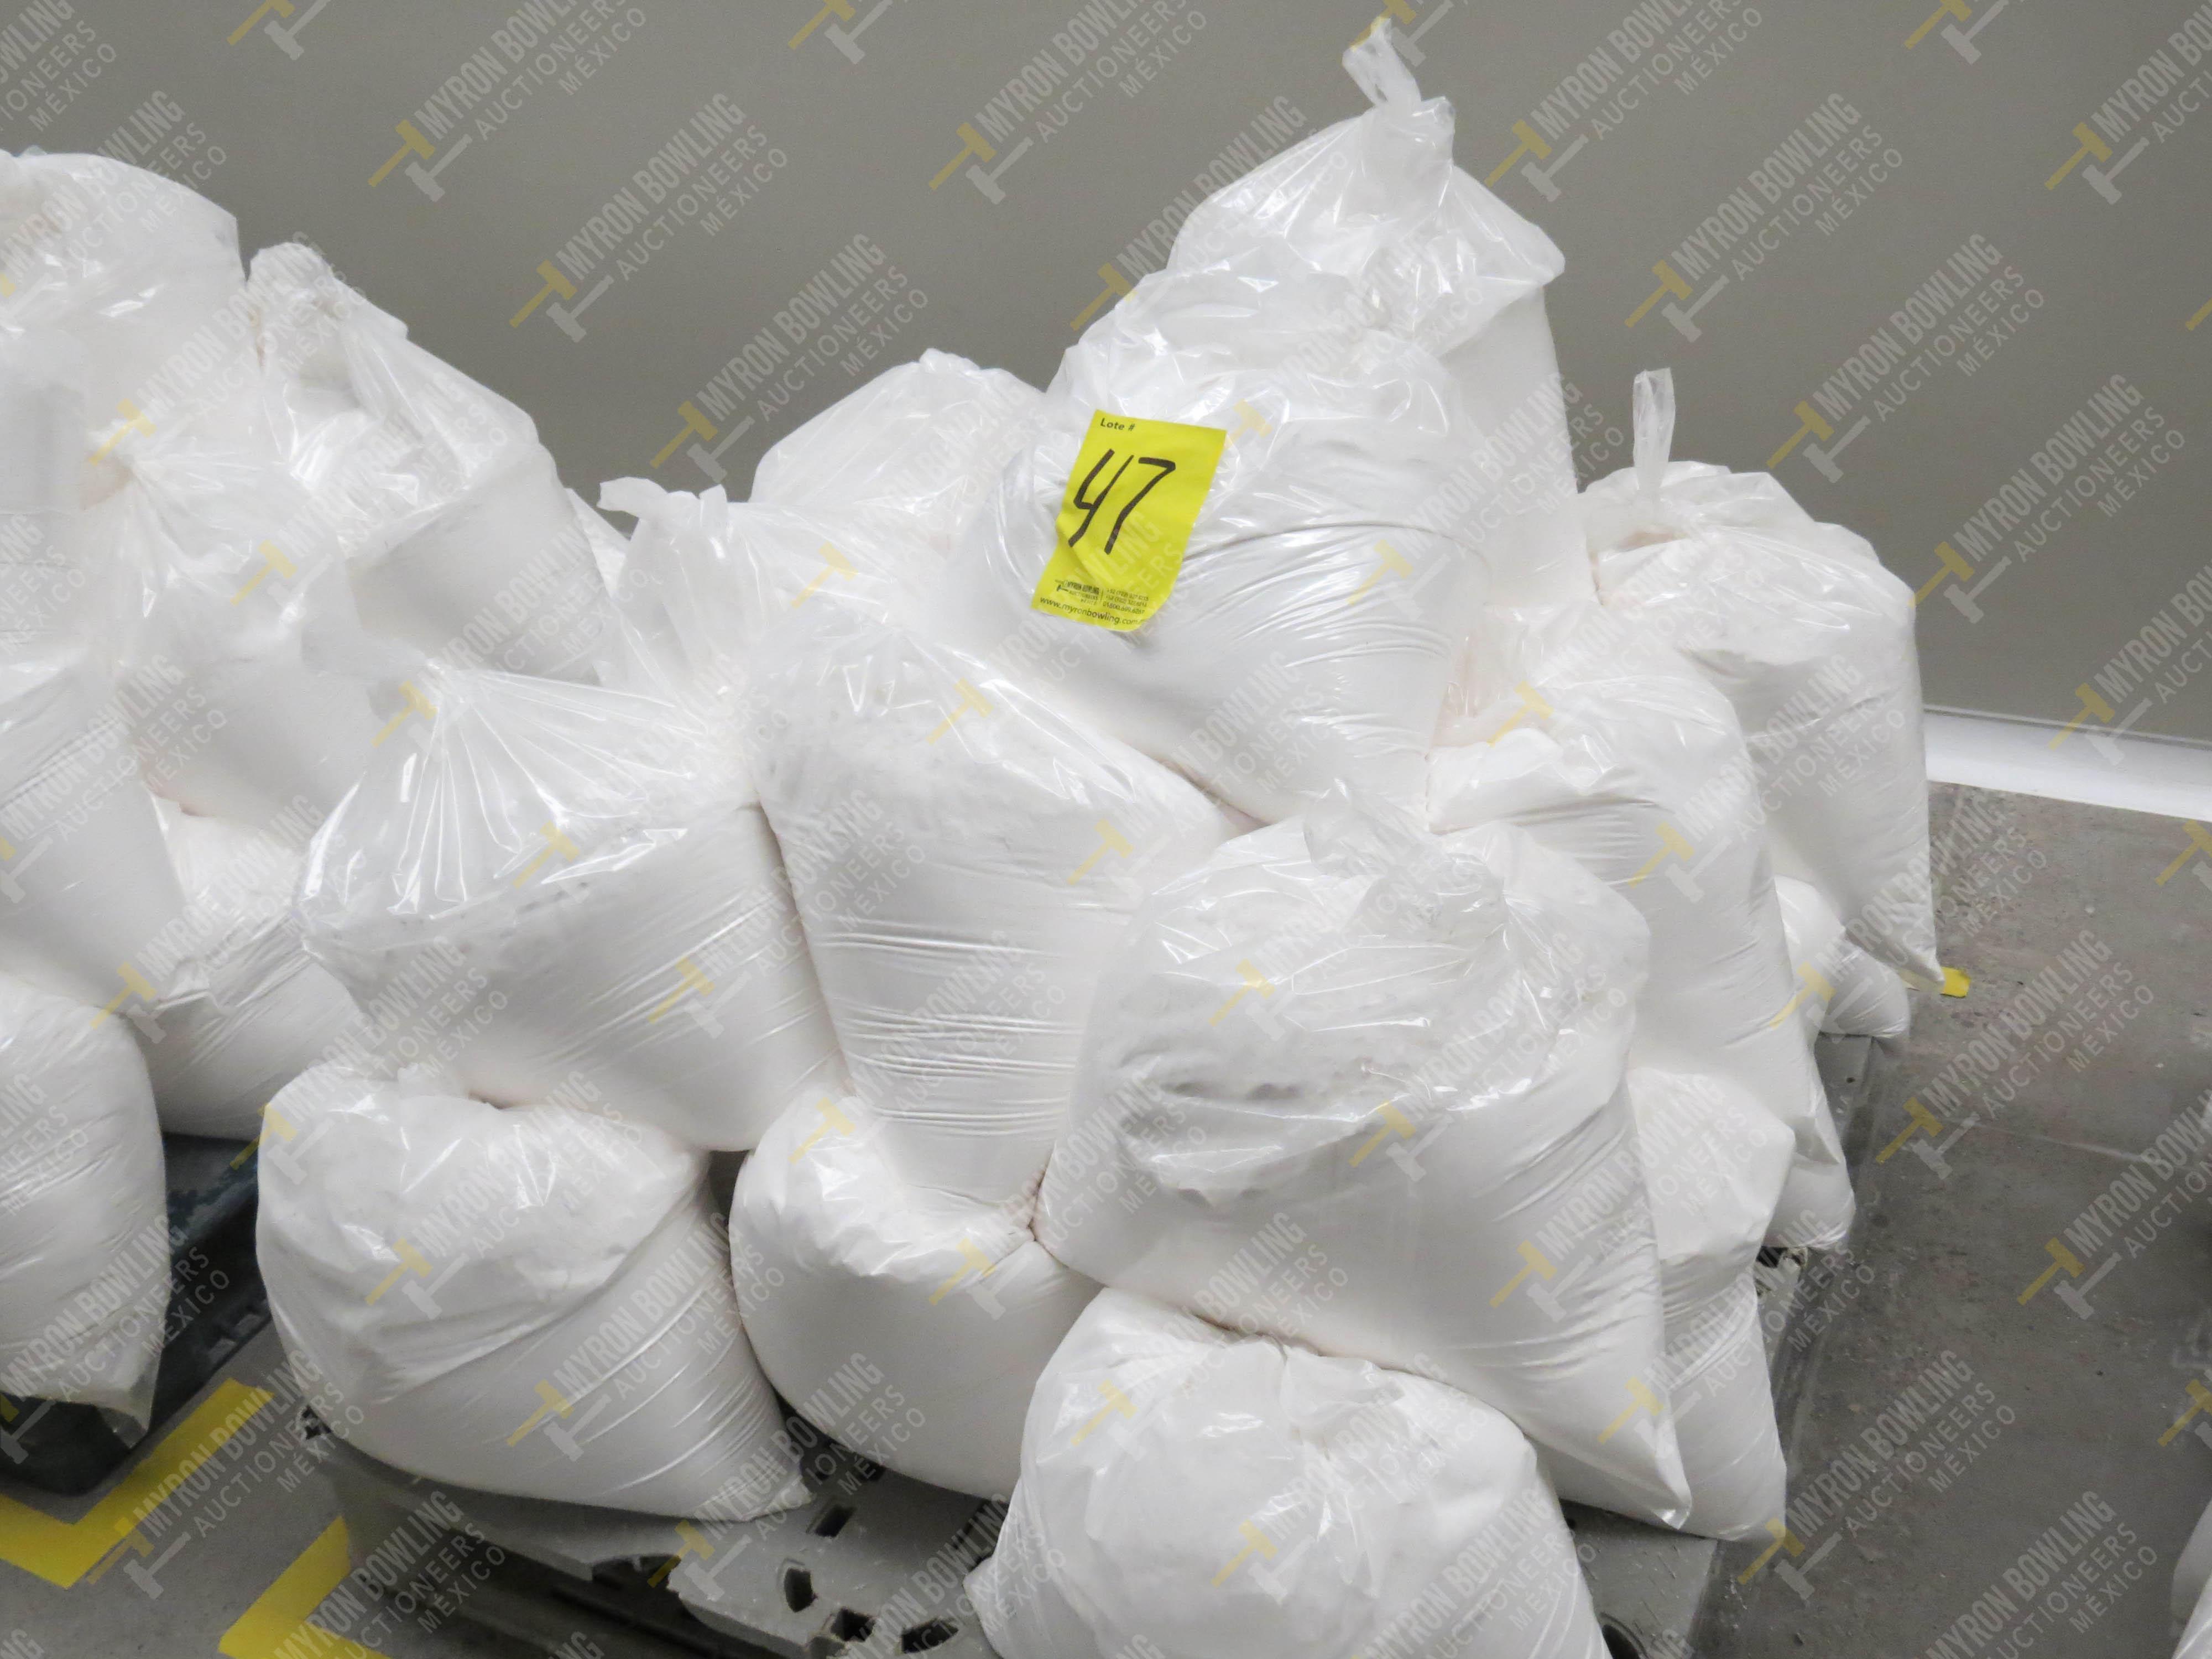 Lote de 7 tarimas de Almidón de yuca cernido aproximadamente 1.5 toneladas, una tarima … - Image 4 of 8